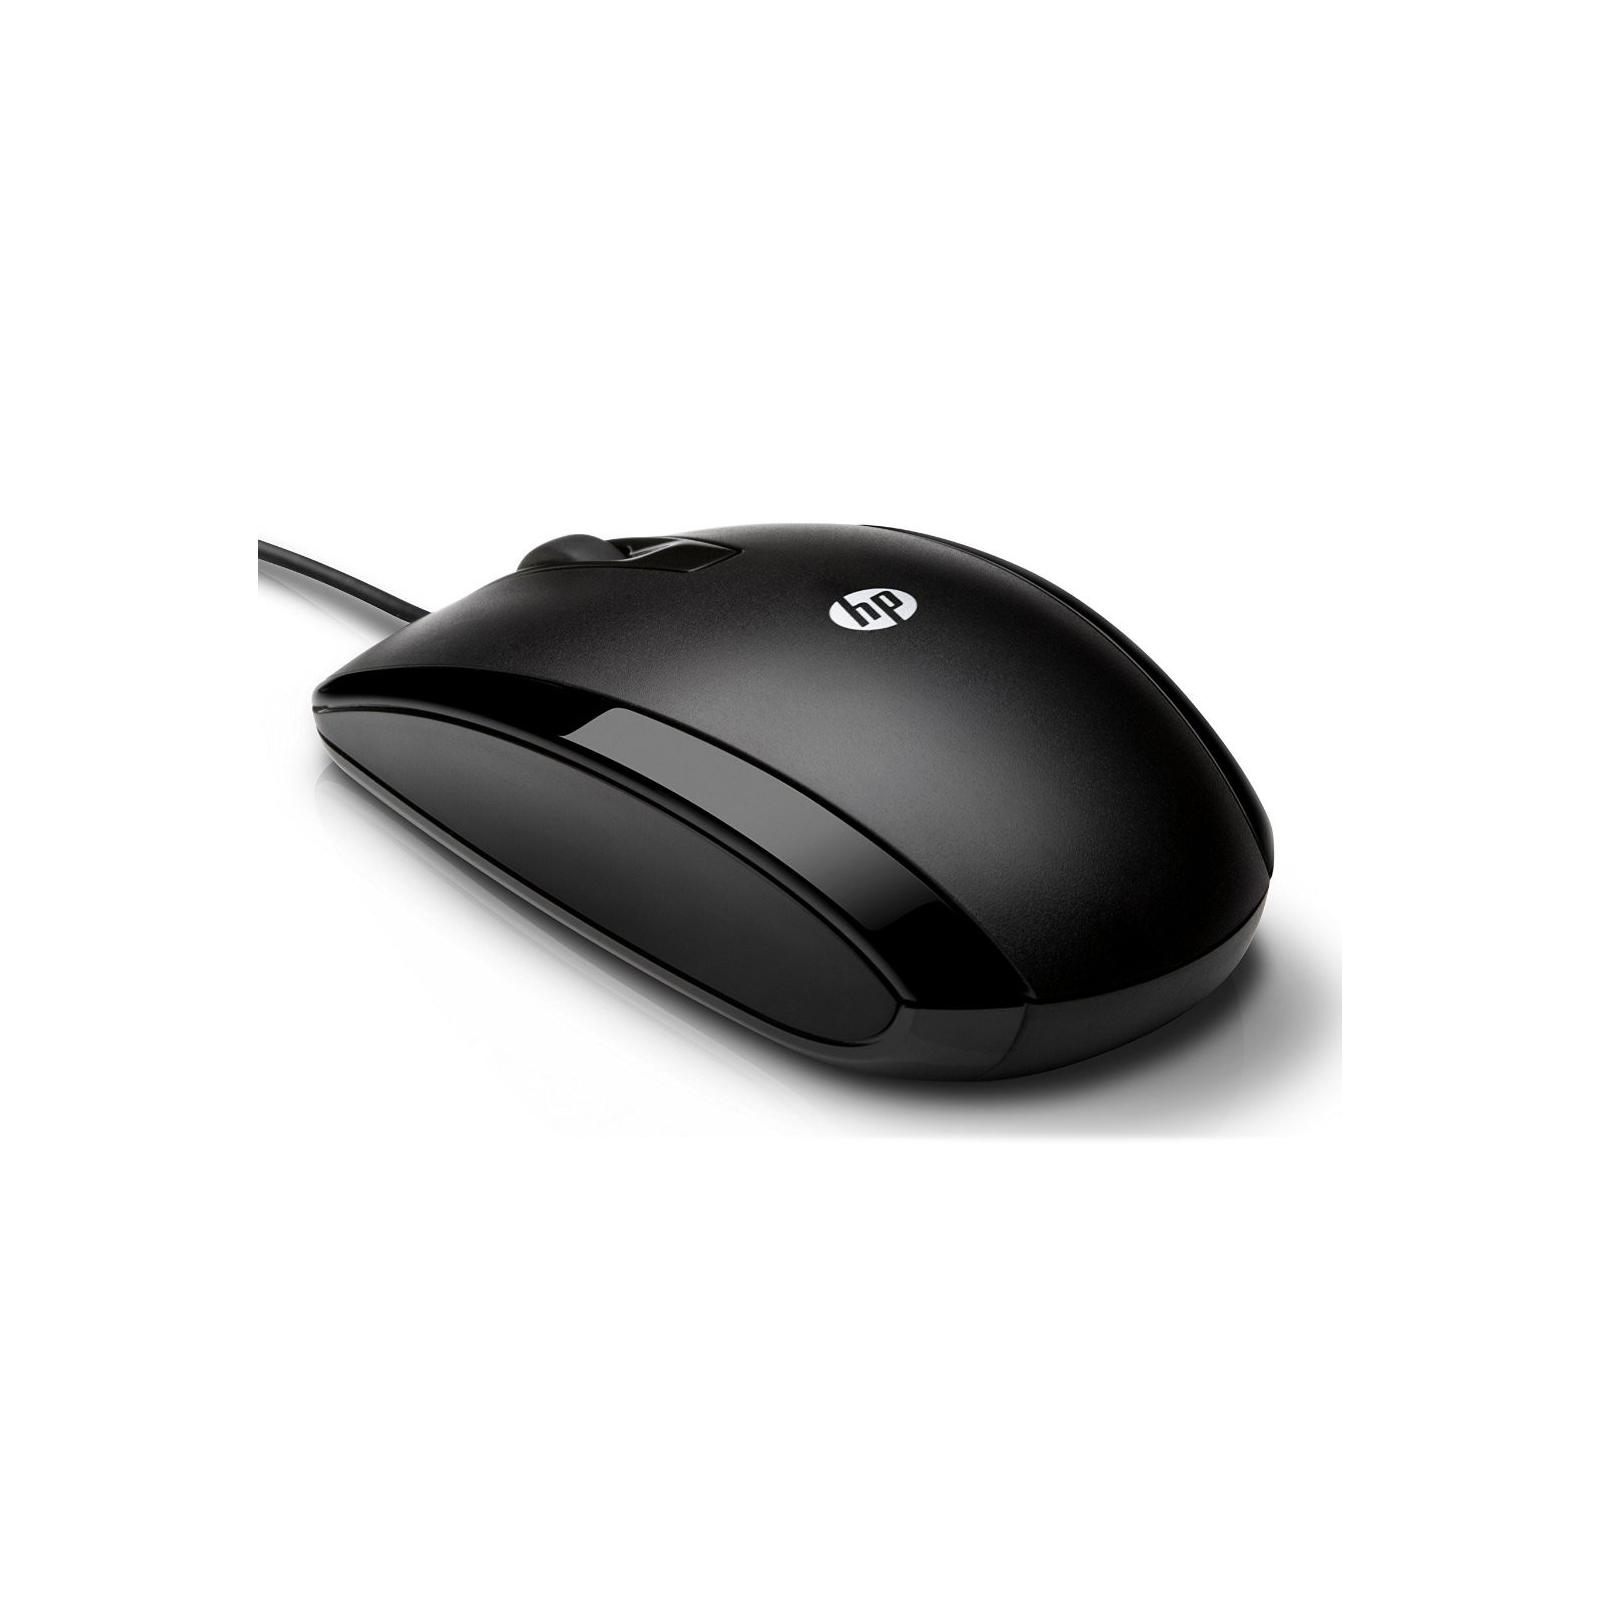 Мышка HP X500 (E5E76AA) изображение 2